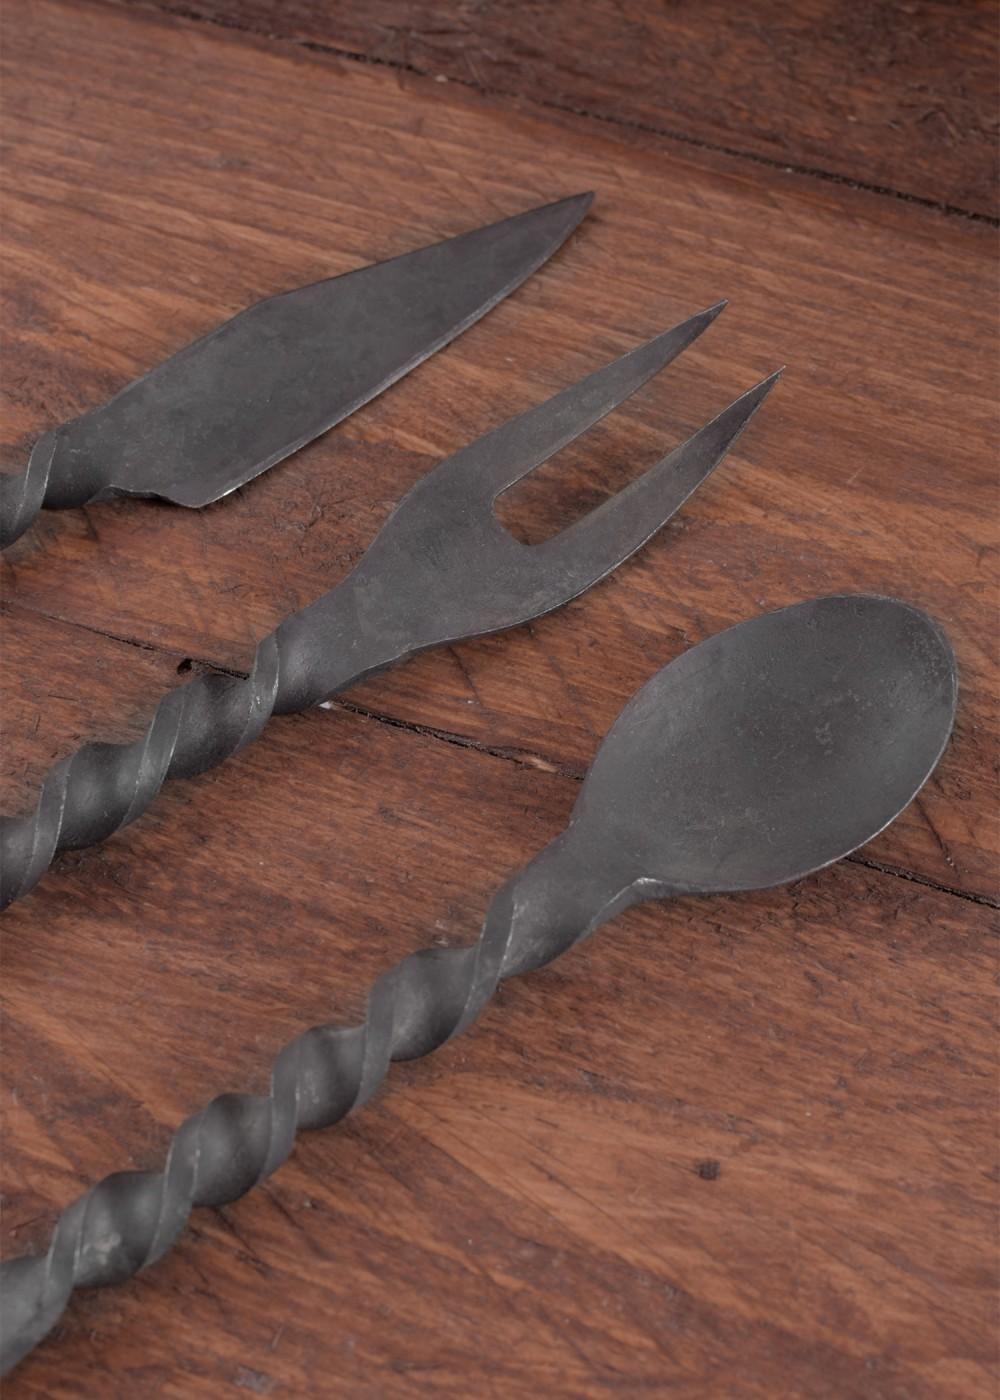 Aterimet takorautaa lusikka haarukka veitsi, ei pussukkaa